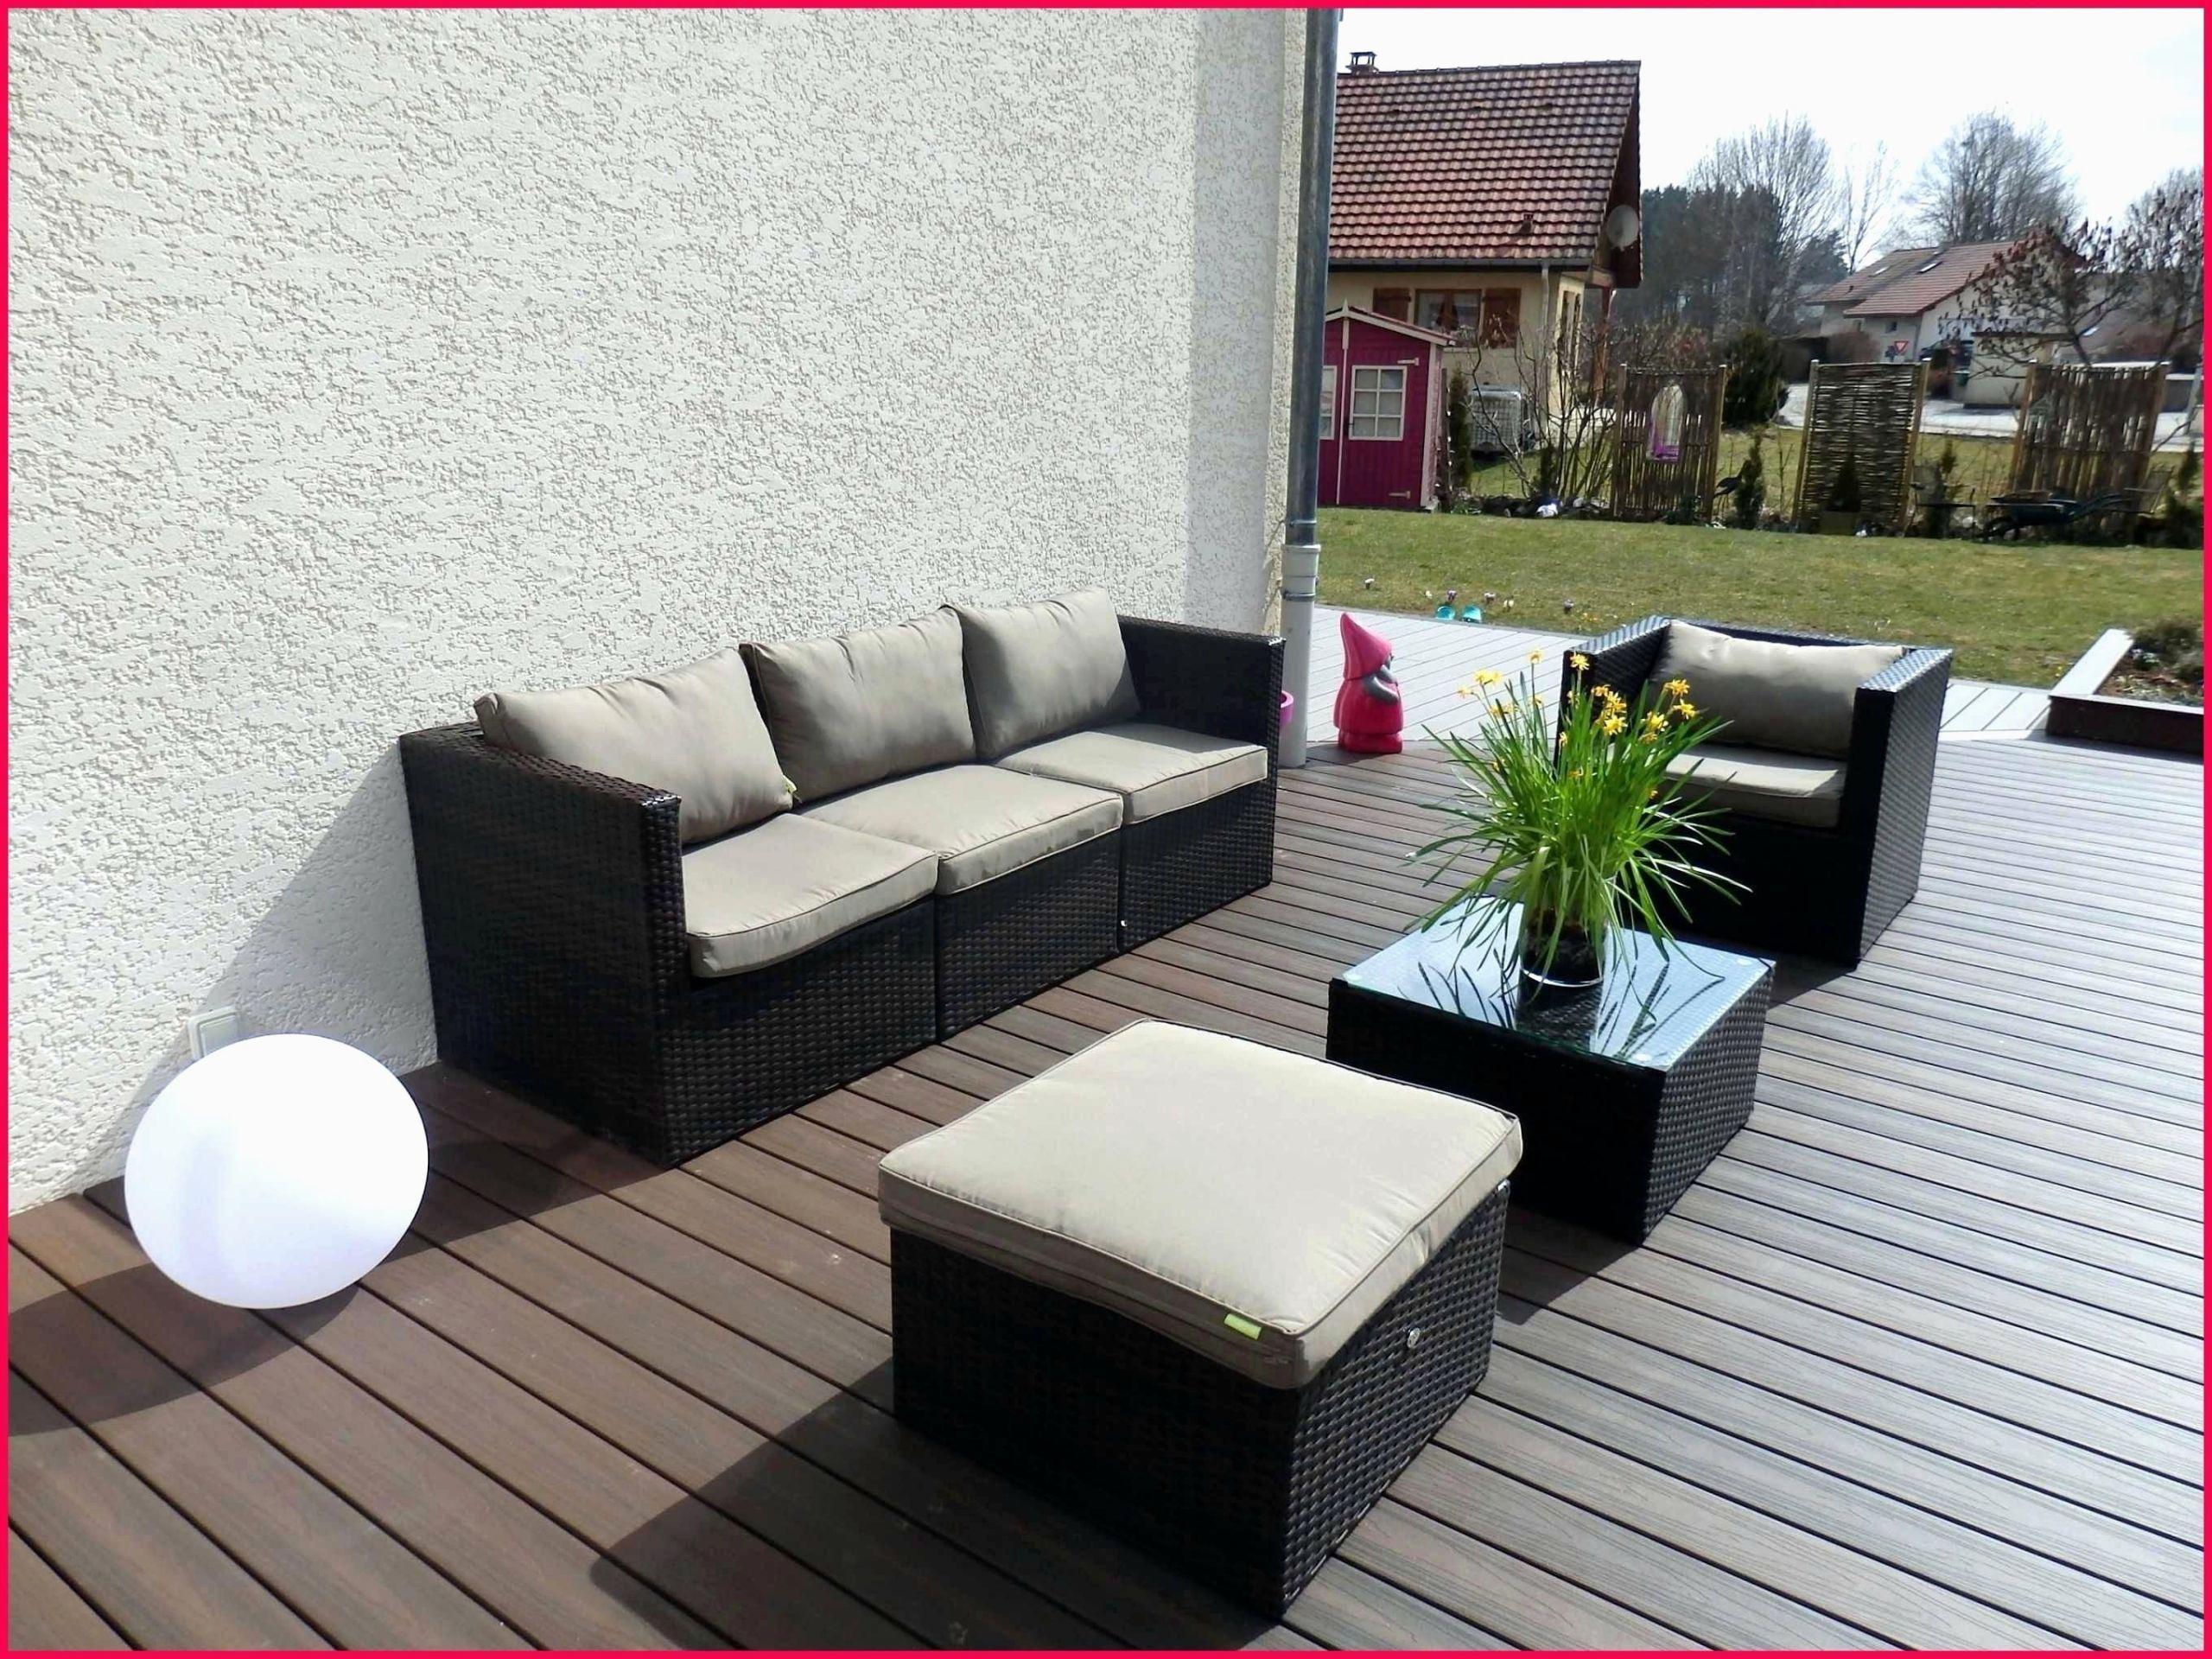 carrefour meuble de jardin carrefour meuble salon chaise basse de jardin chaise pliante of carrefour meuble de jardin